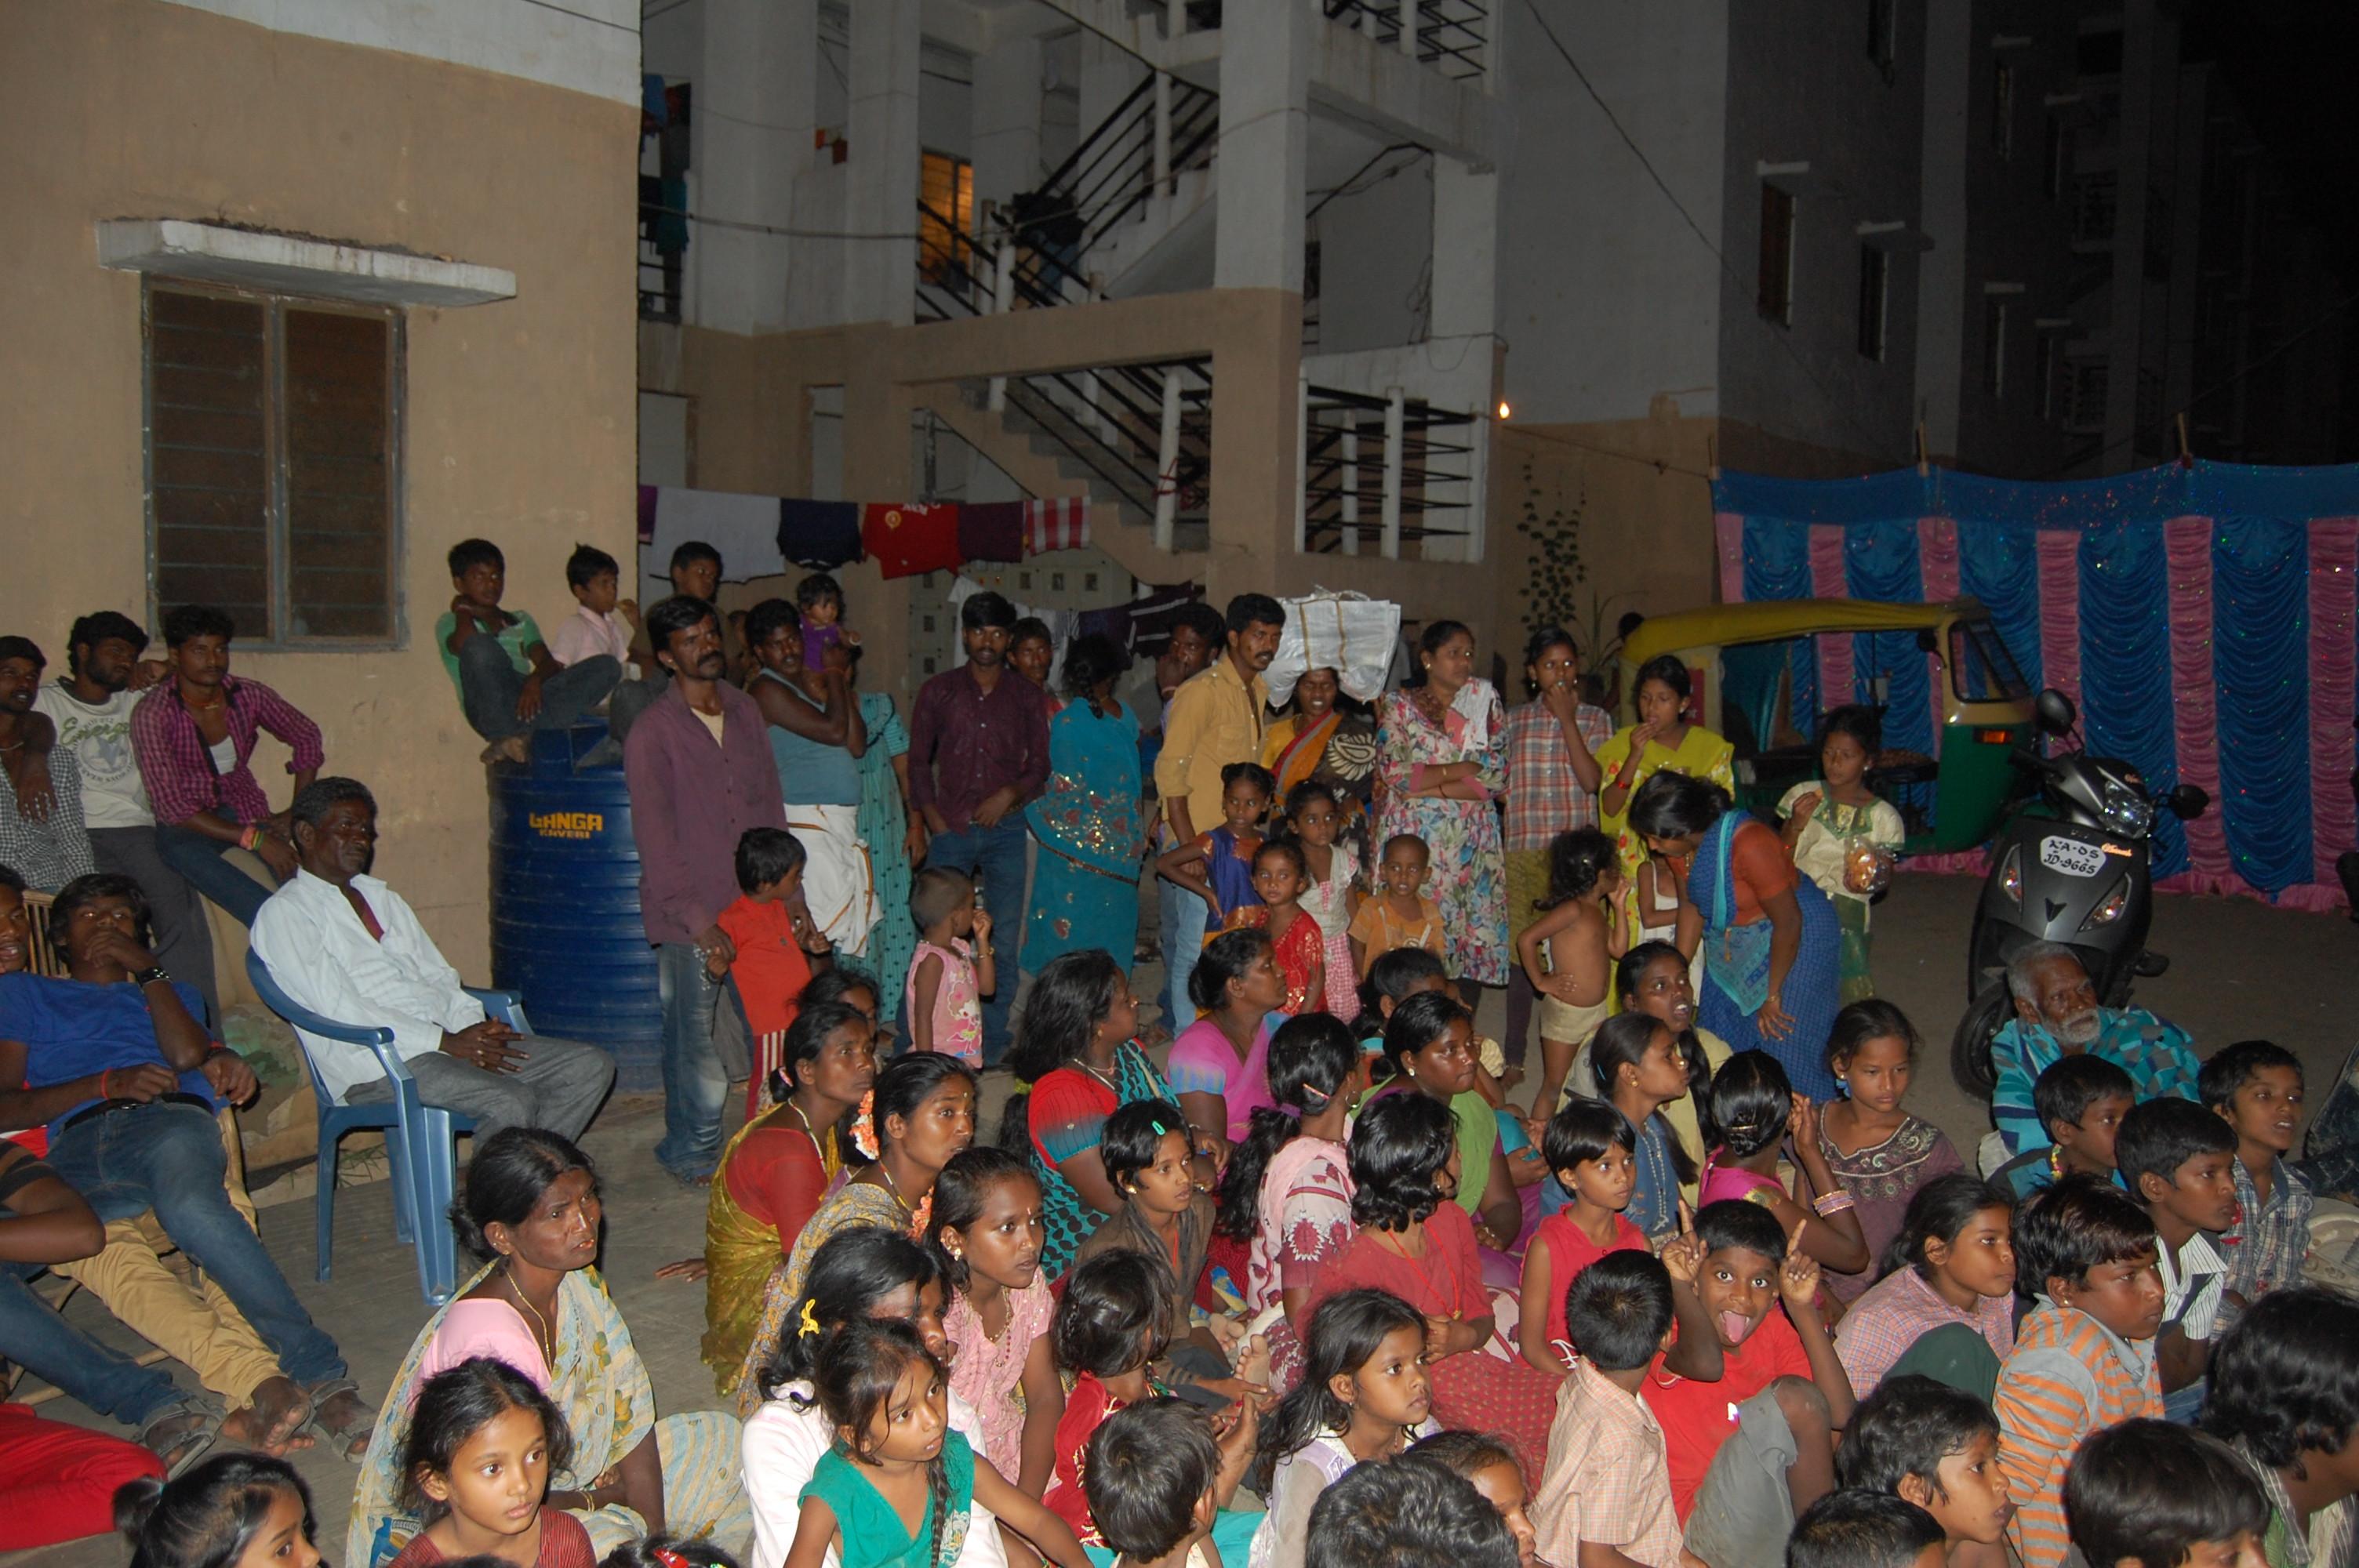 பெங்களூர் ராஜா ரதிச்வரி குப்பத்தில்  கொள்கை விளக்க பிரச்சாரம். DSC 5286